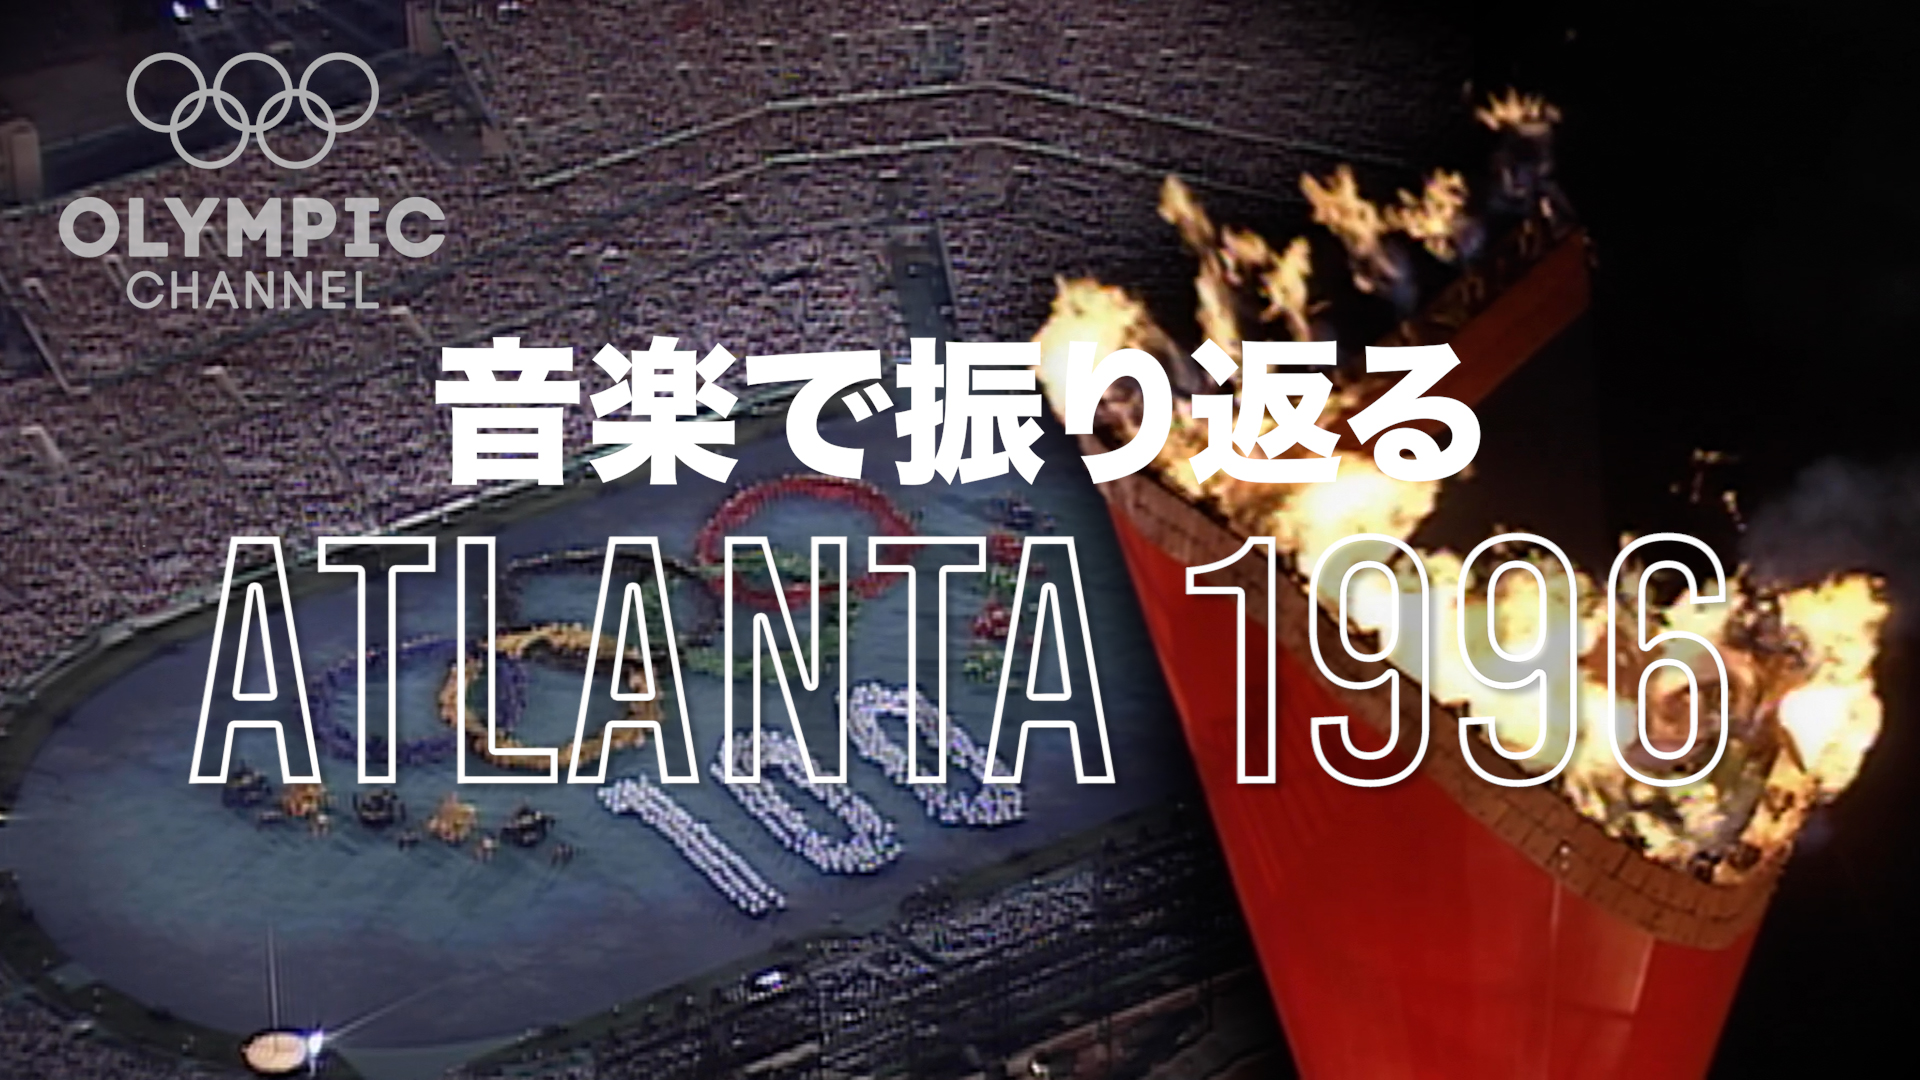 音楽で振り返るオリンピック アトランタ1996